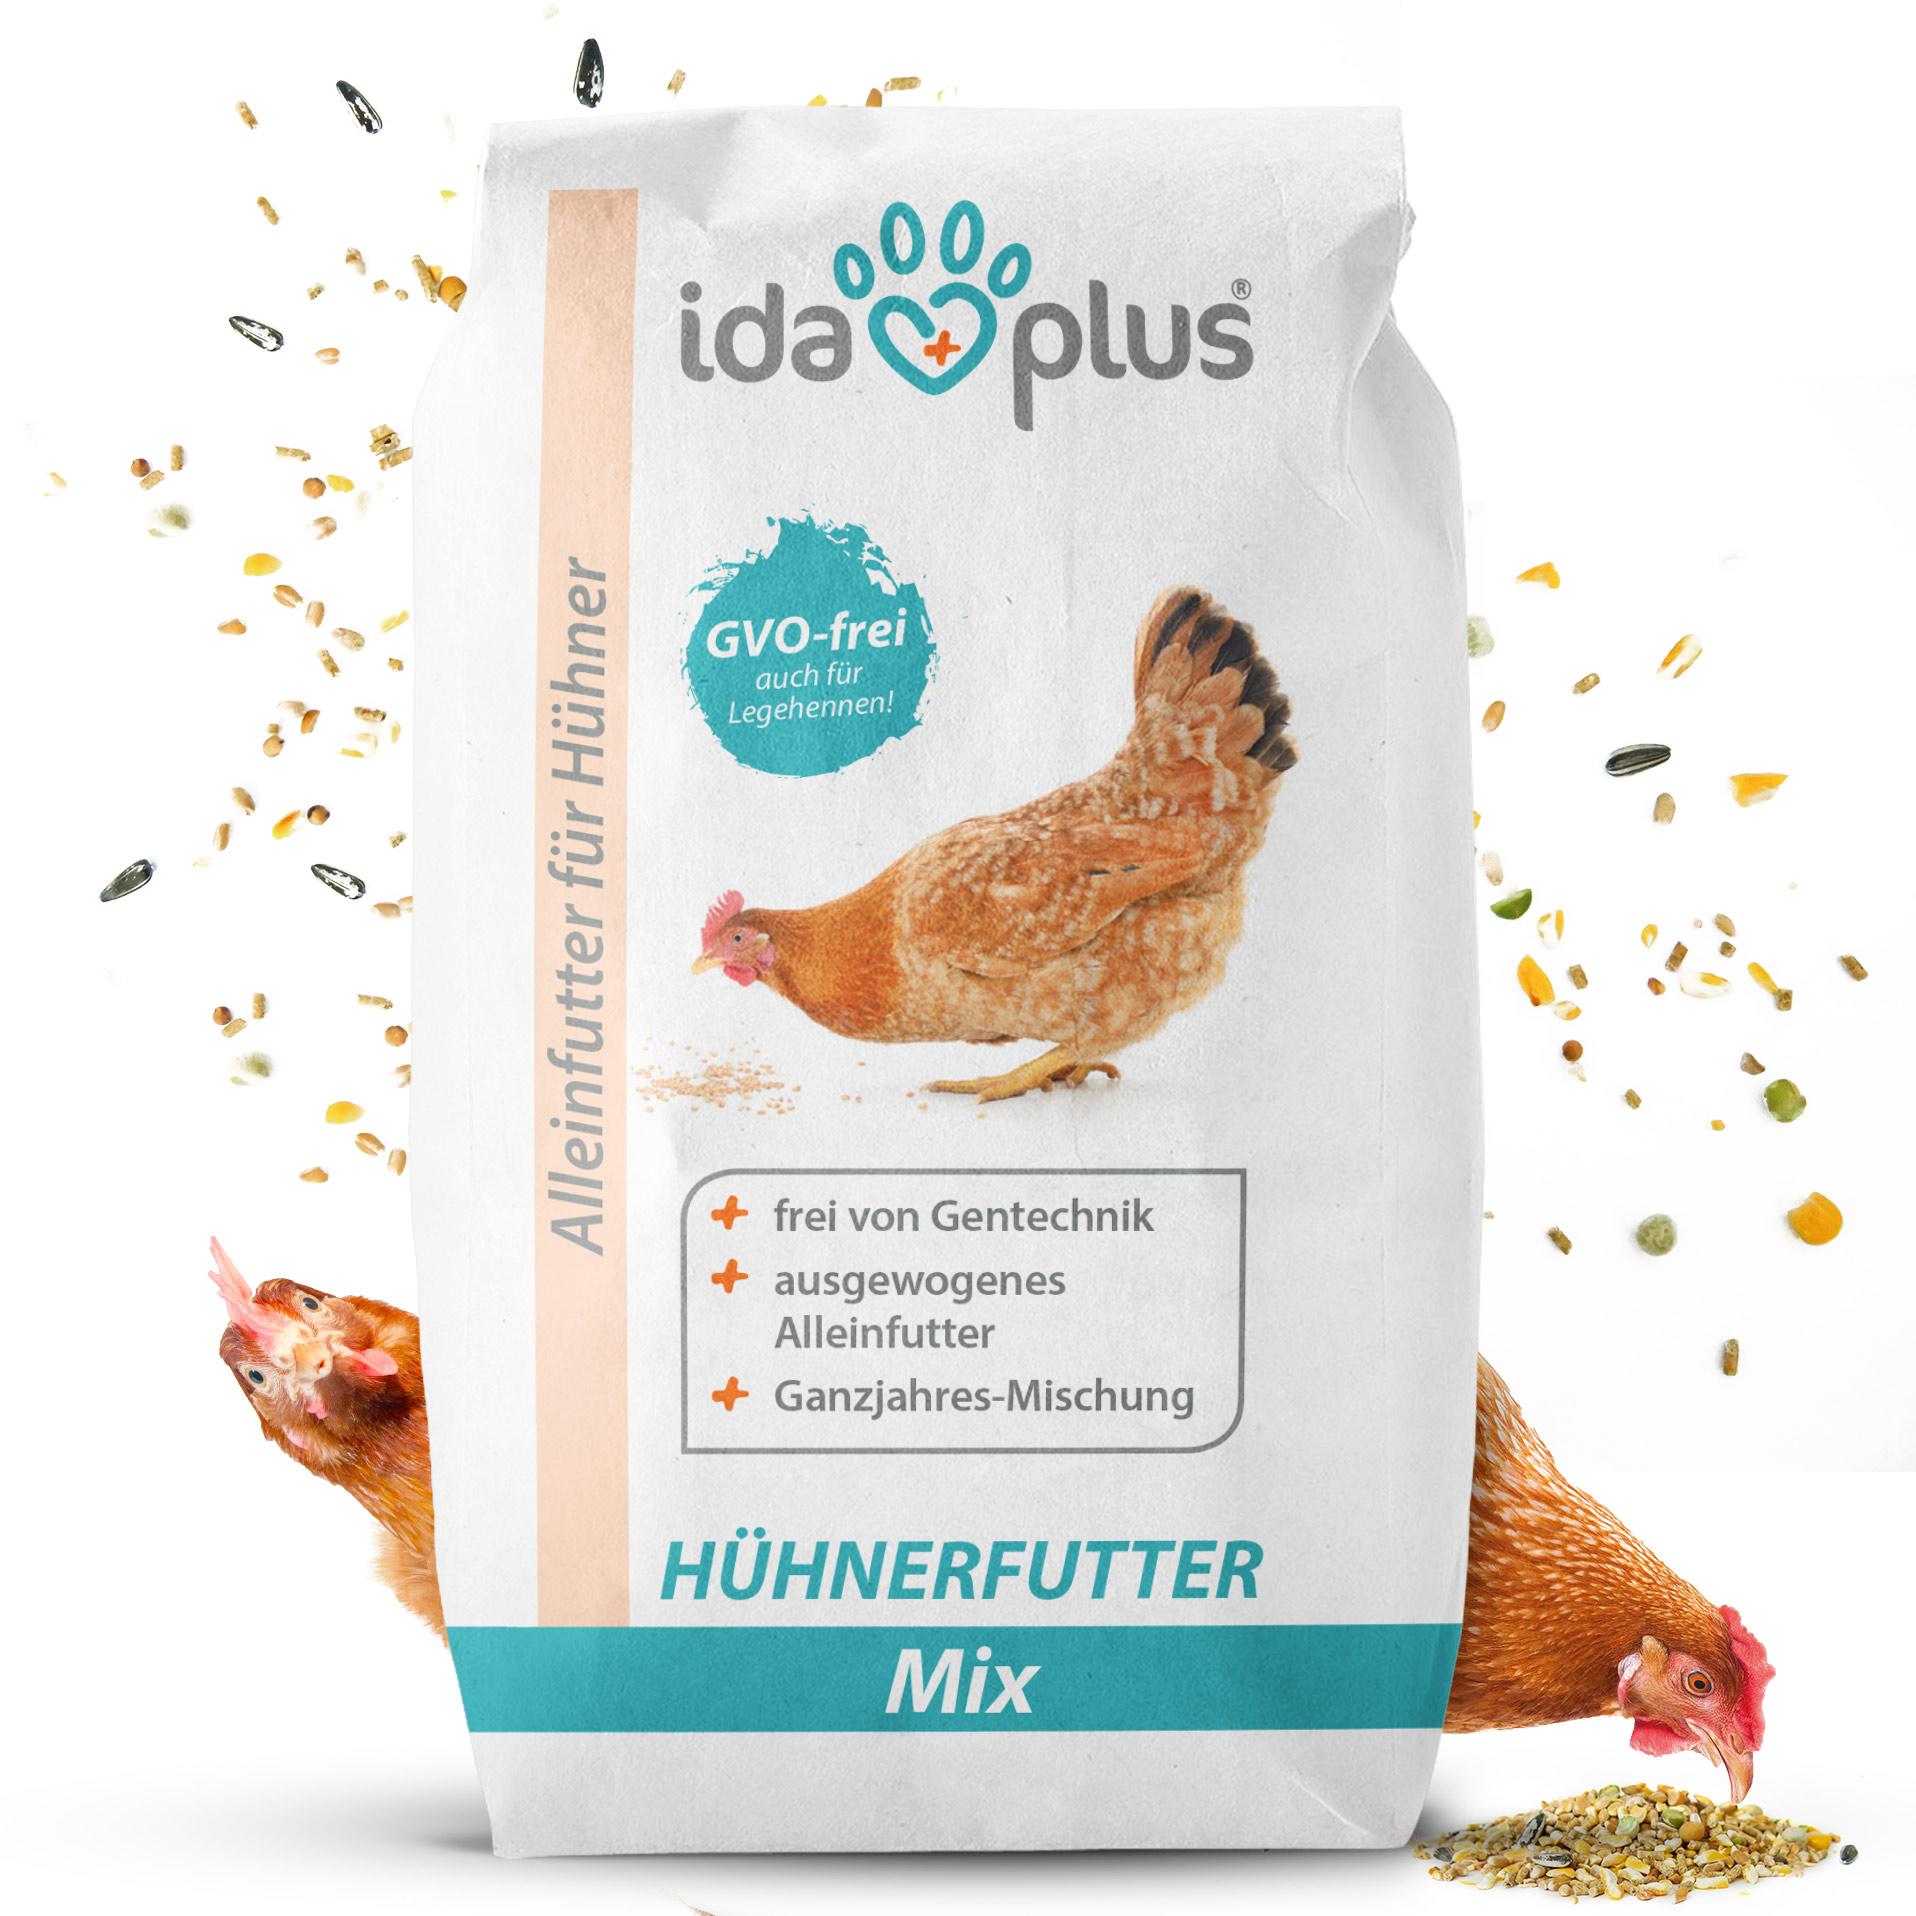 Hühnerfutter Mix - Ausgewogenes Alleinfutter - Ganzjahresmischung, GVO-frei - 25Kg